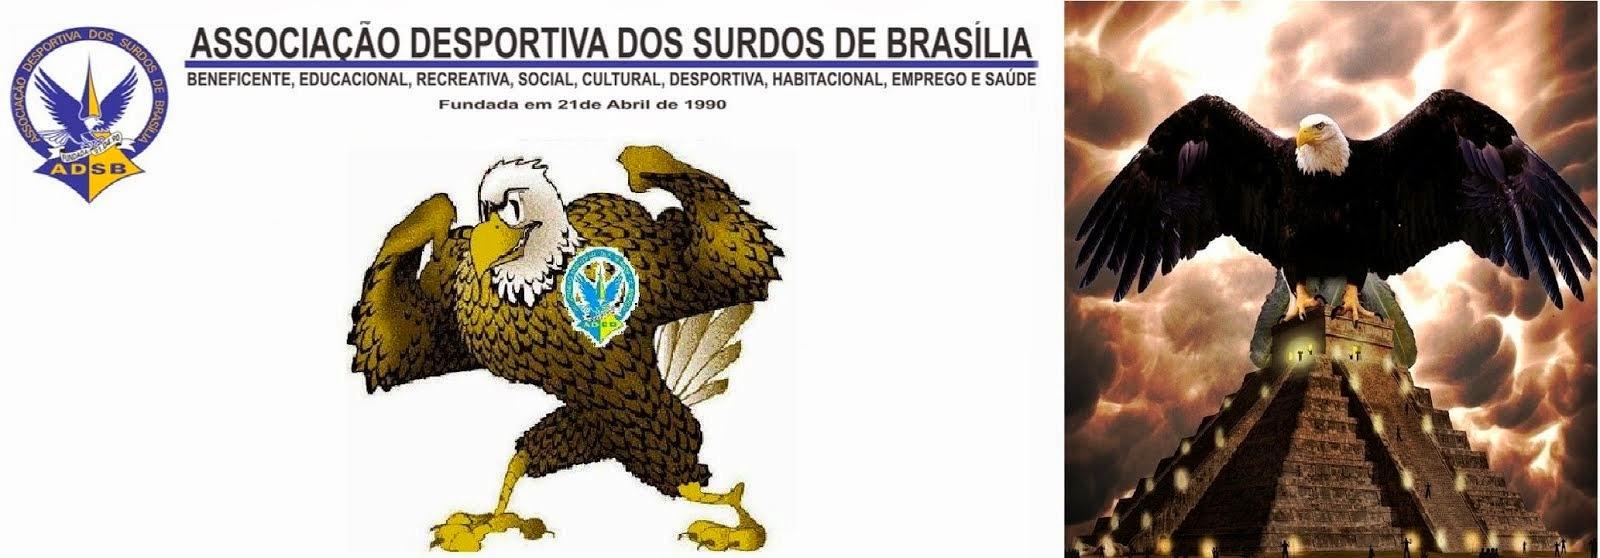 Eduardo M. Machado F. Surdo Brasília Brasil